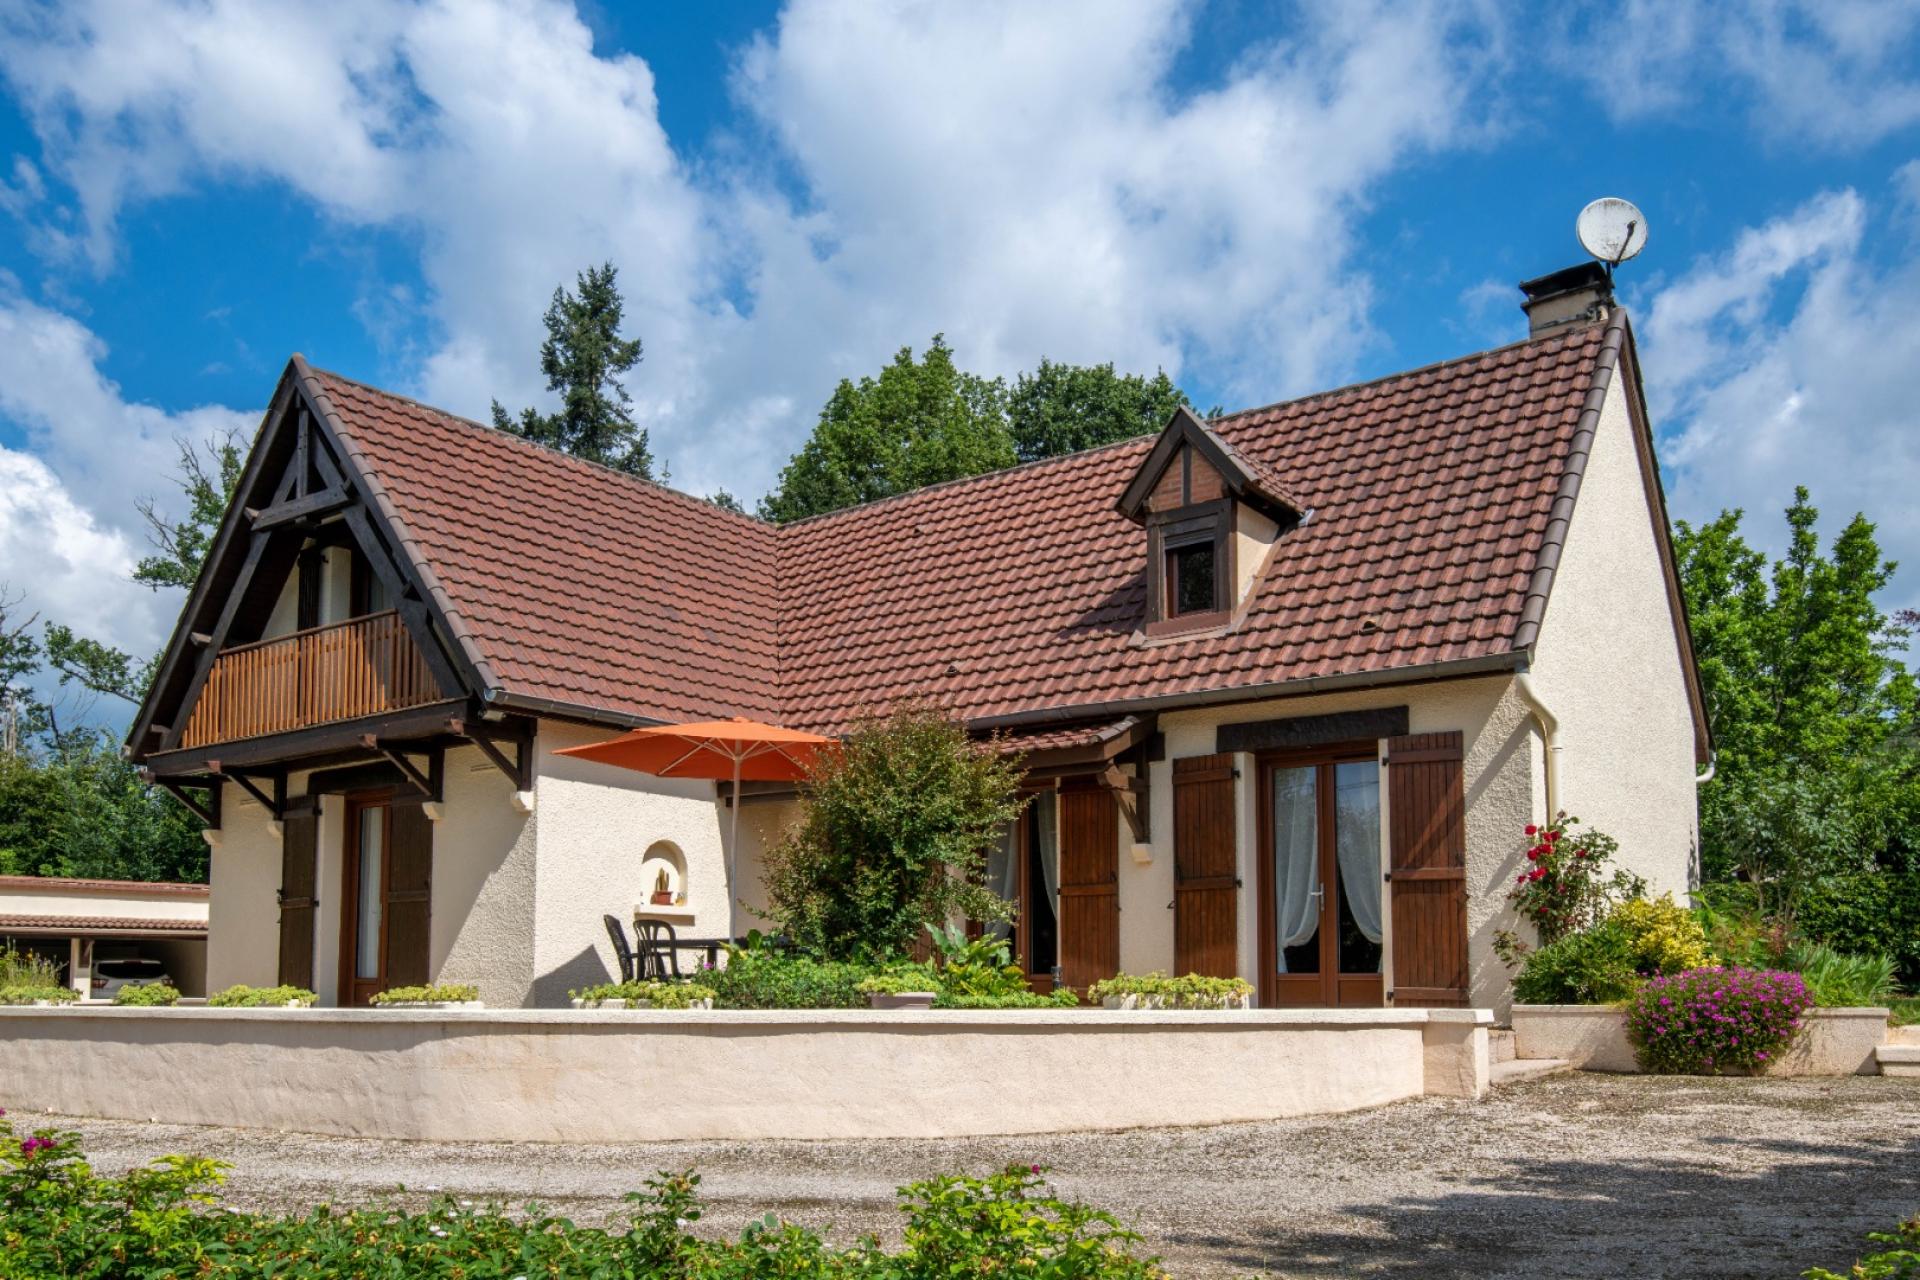 Souillac, maison 4 chambres et bureau, 3 garages, local indépendant sur parc 2500 m².